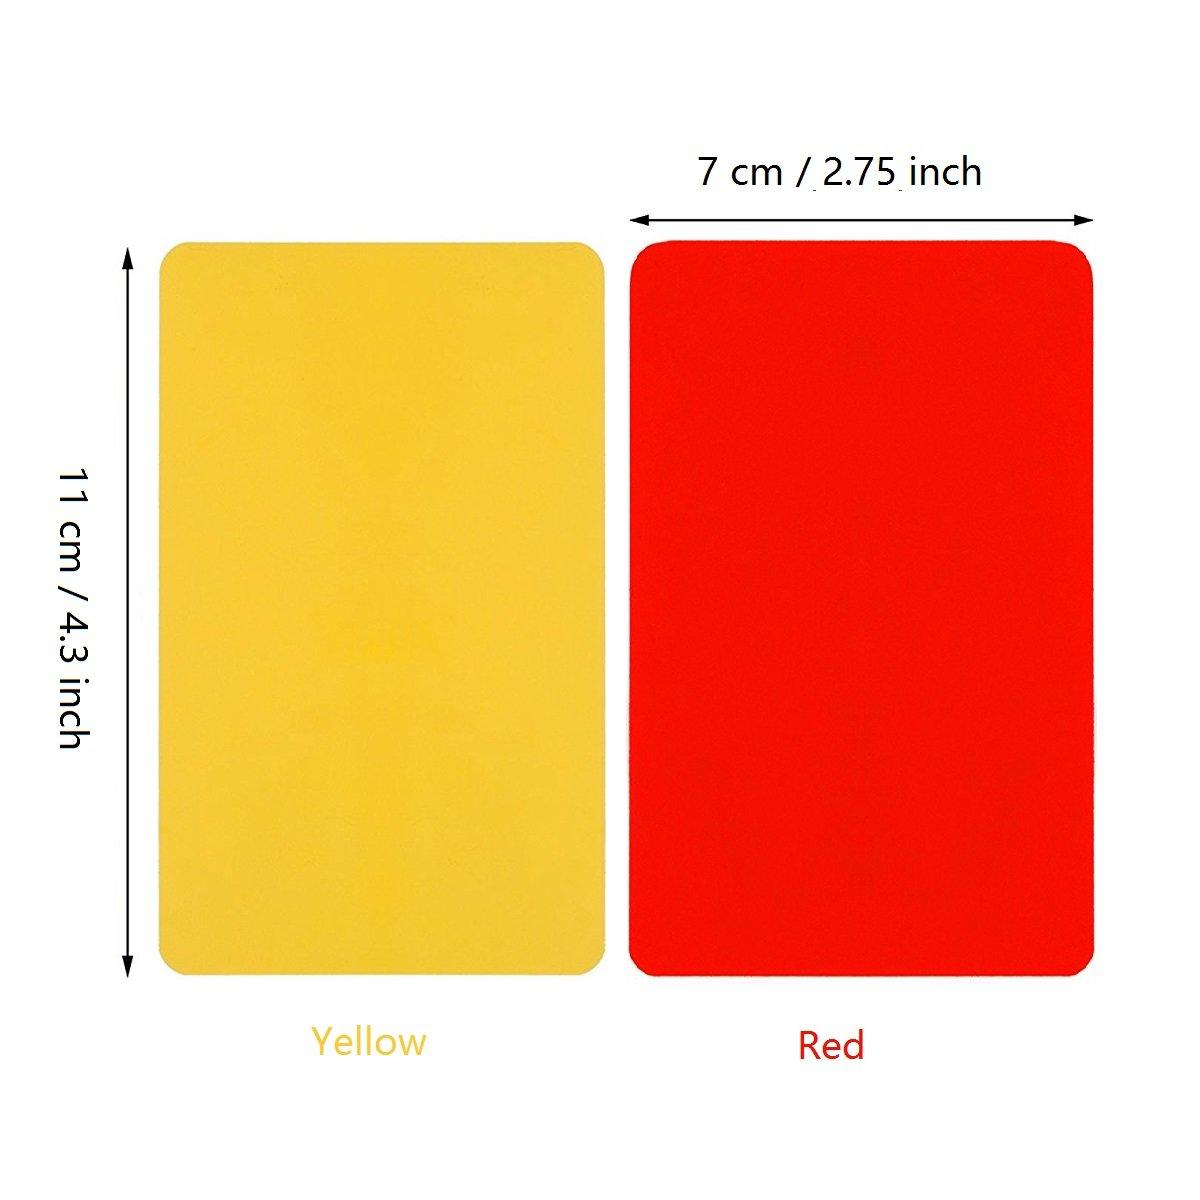 Giveet 2 metal silbato con deportes árbitro tarjeta tarjeta de juego, rojo amarillo y metal de acero inoxidable Entrenador Silbato para fútbol